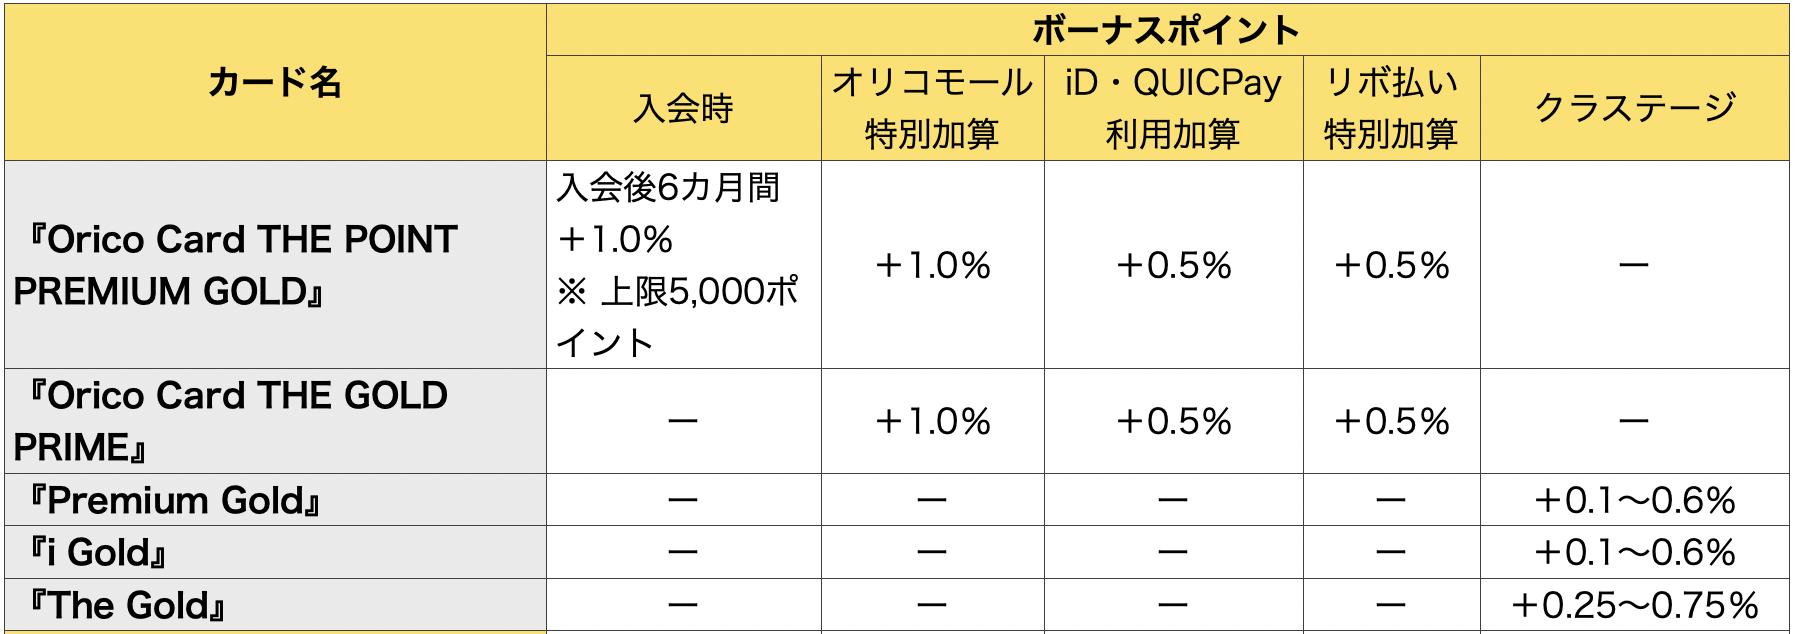 オリコゴールドカードボーナスポイントの比較